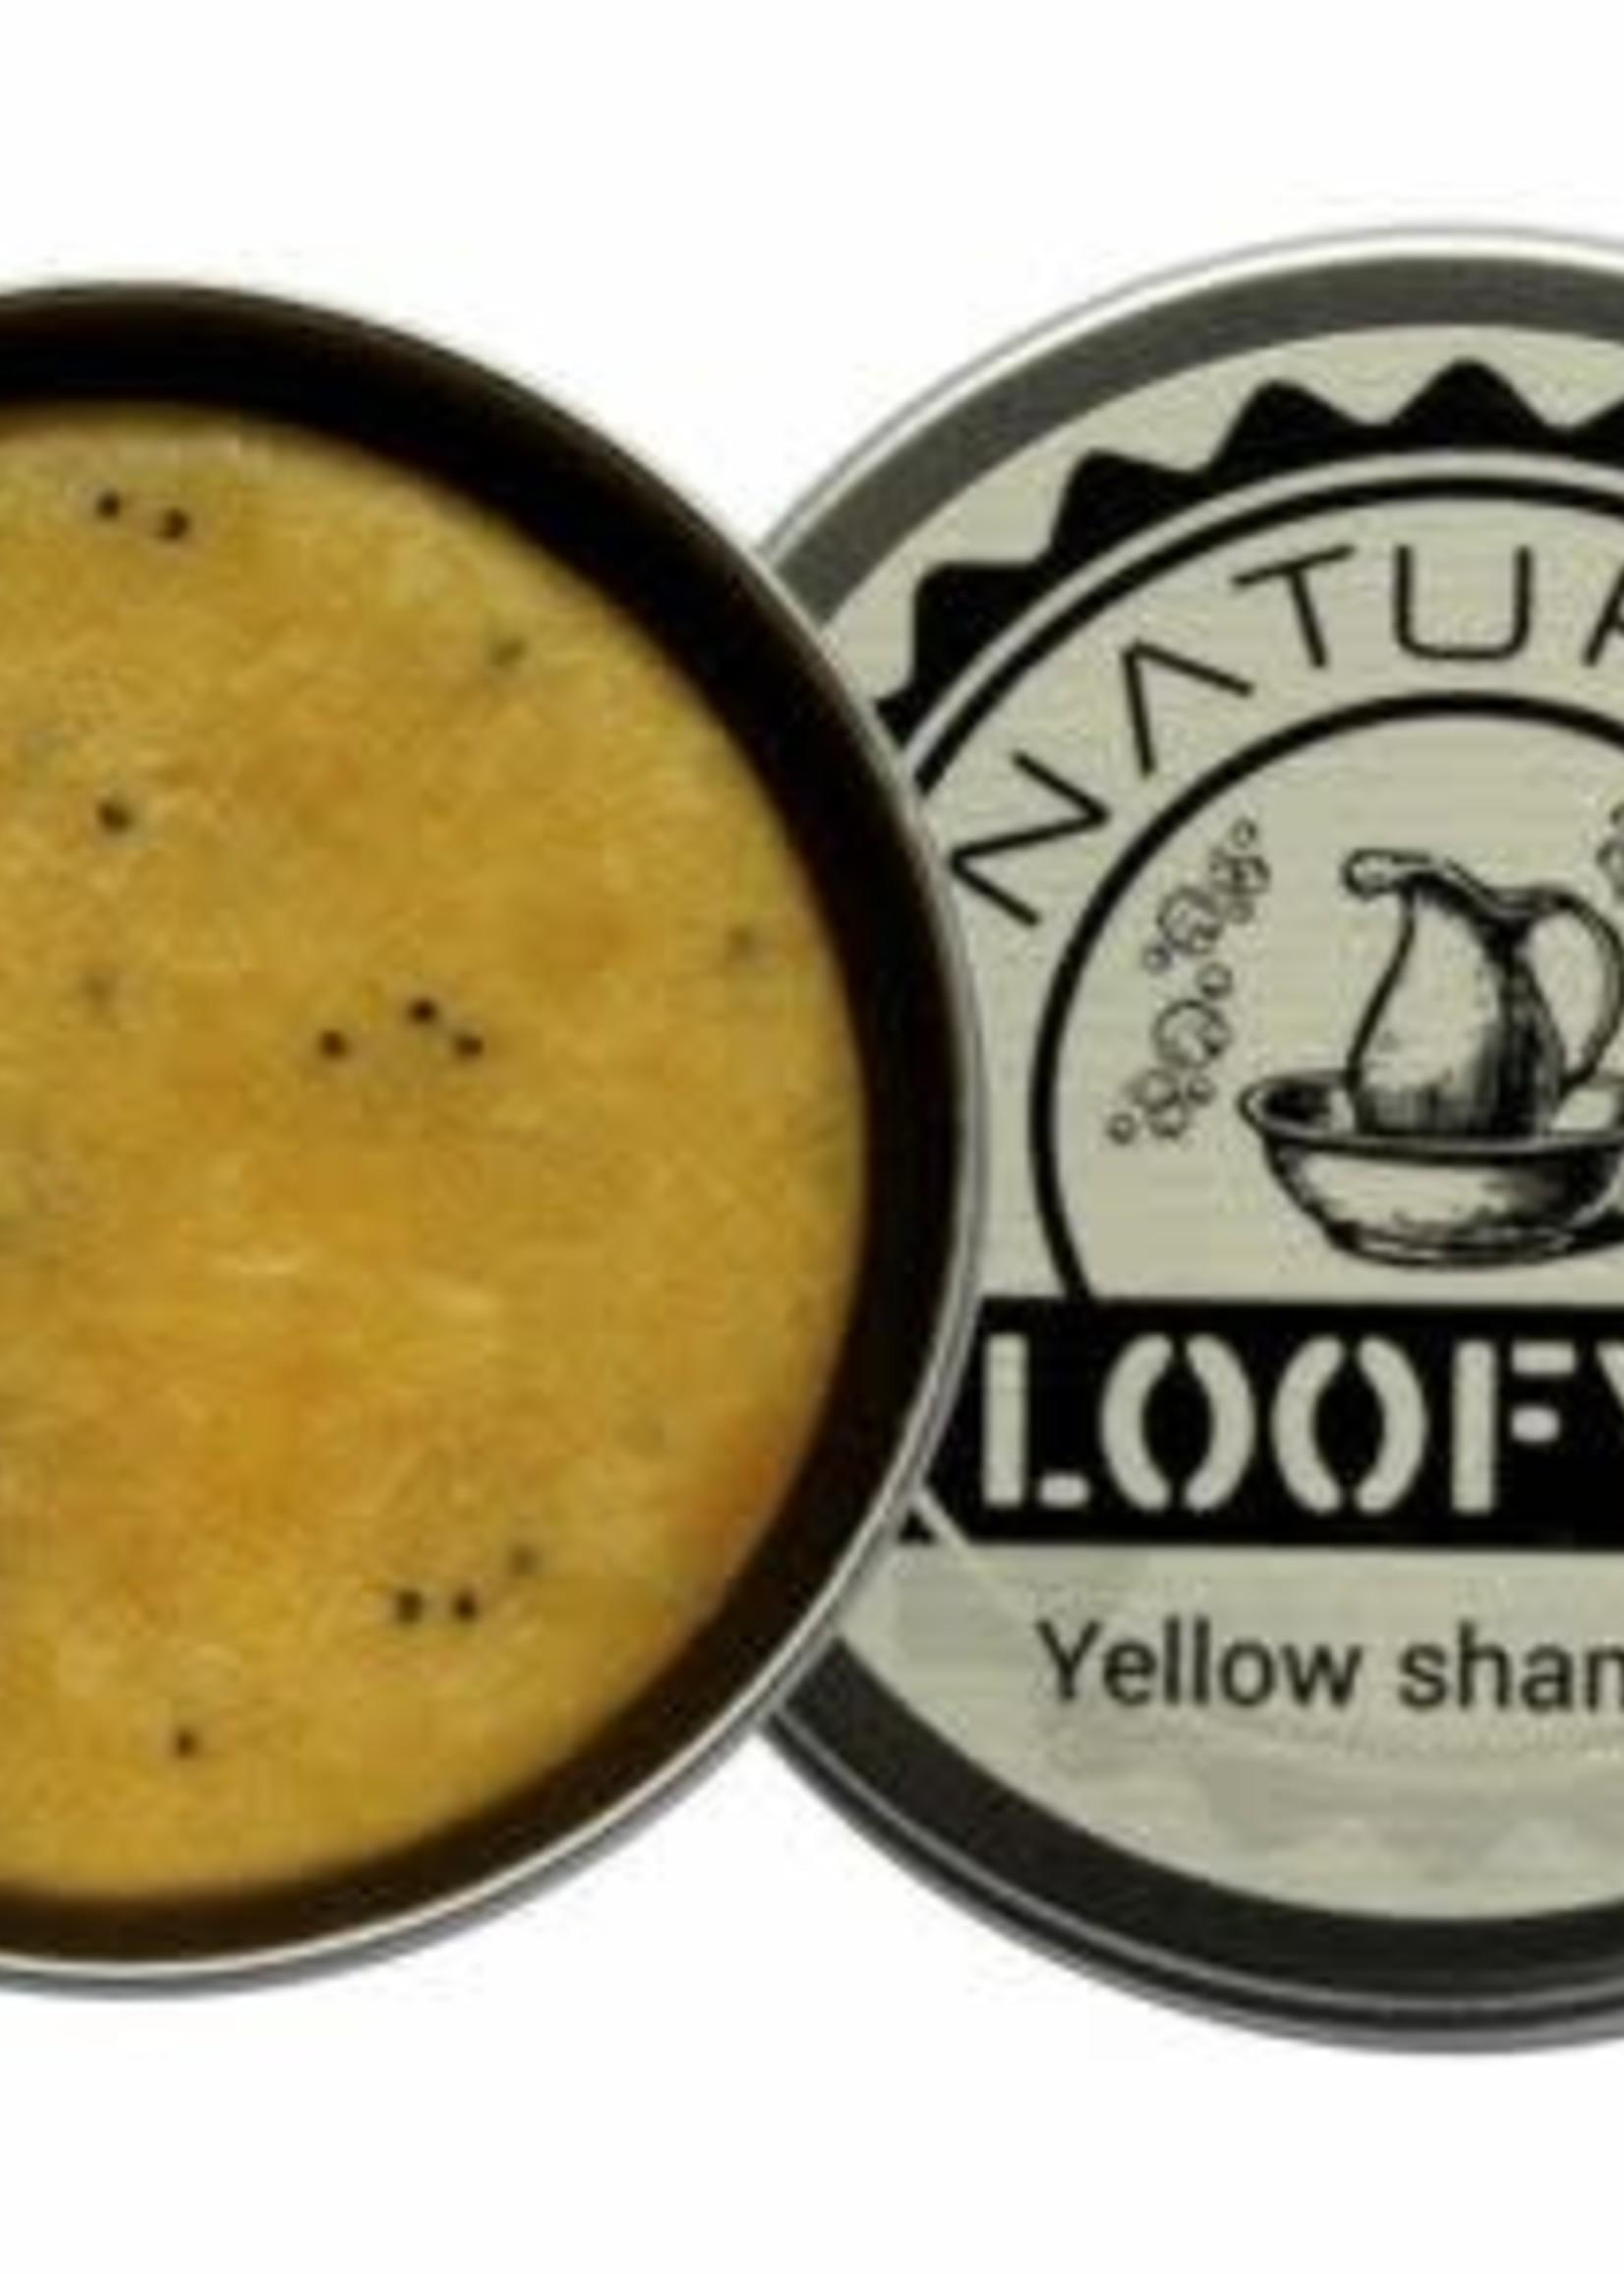 Loofy's Loofy's Shampoo Bar Yellow met bakje - Normaal tot Vet haar